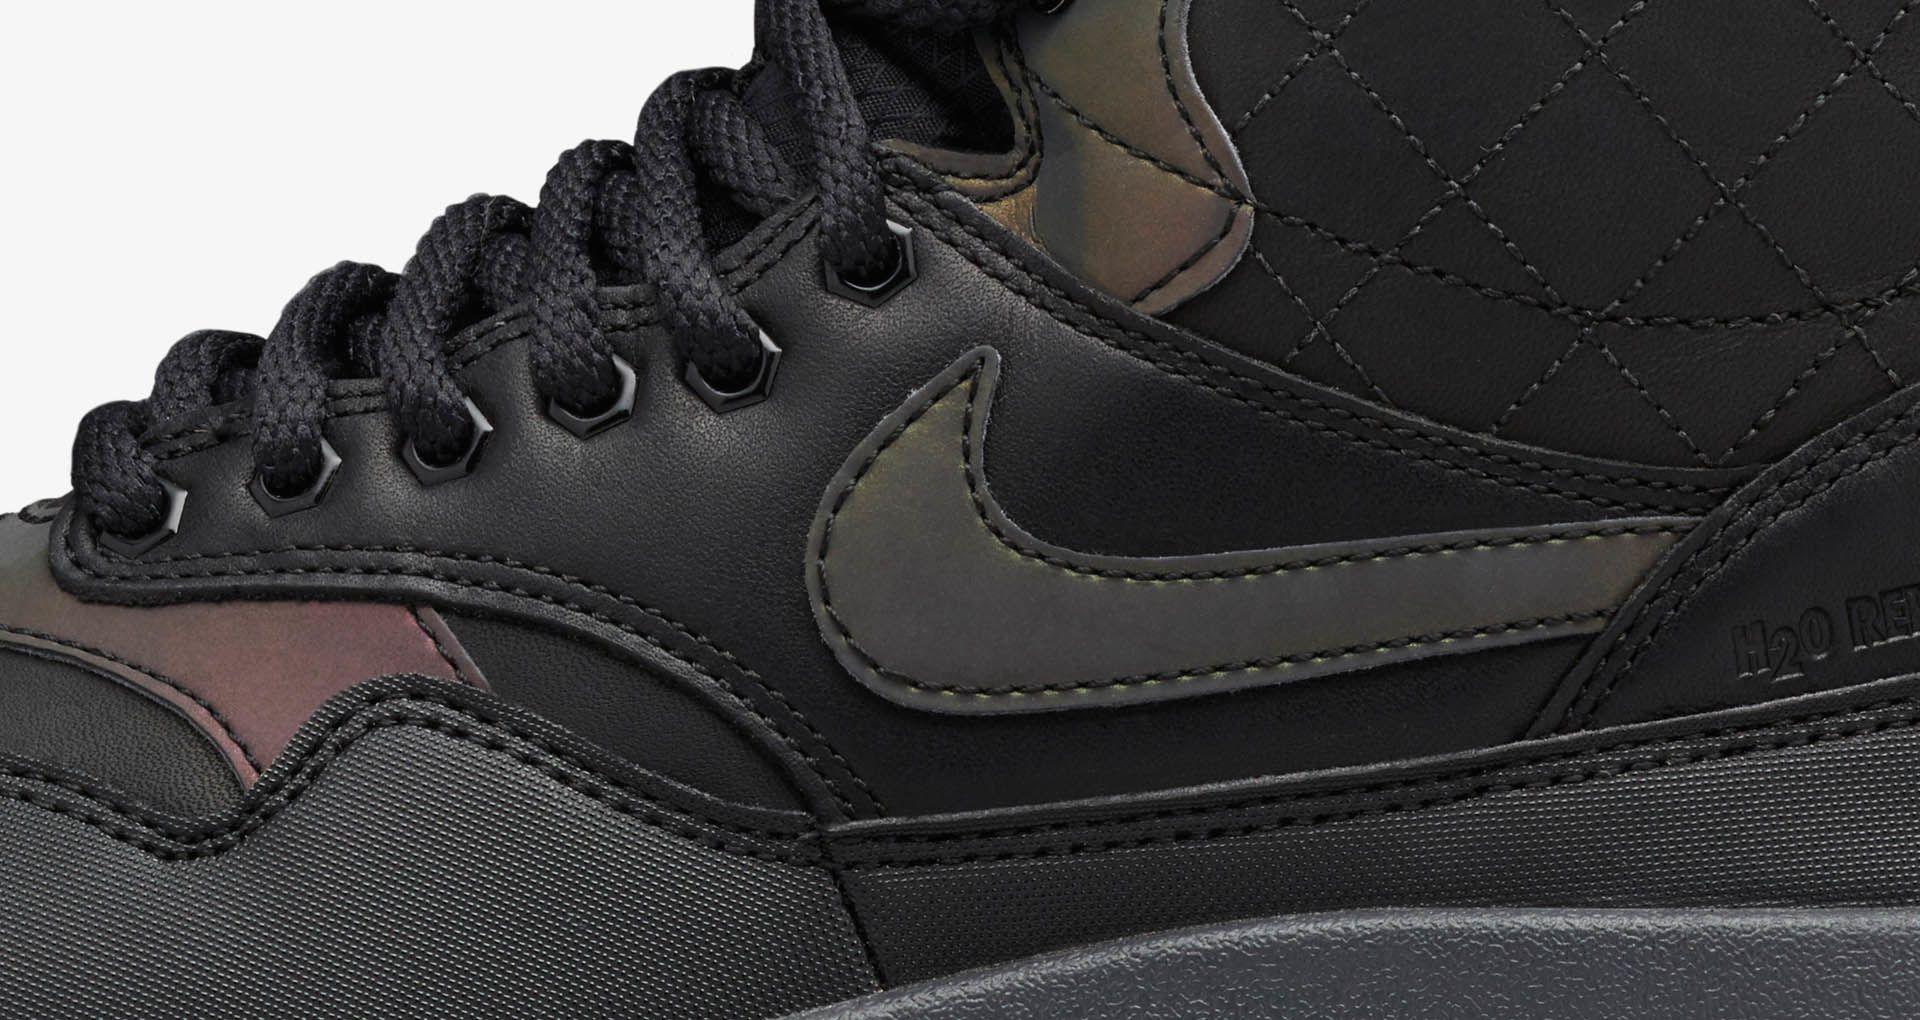 Women's Nike Air Max 1 Sneakerboot 'Black & Menta'. Nike+ SNKRS